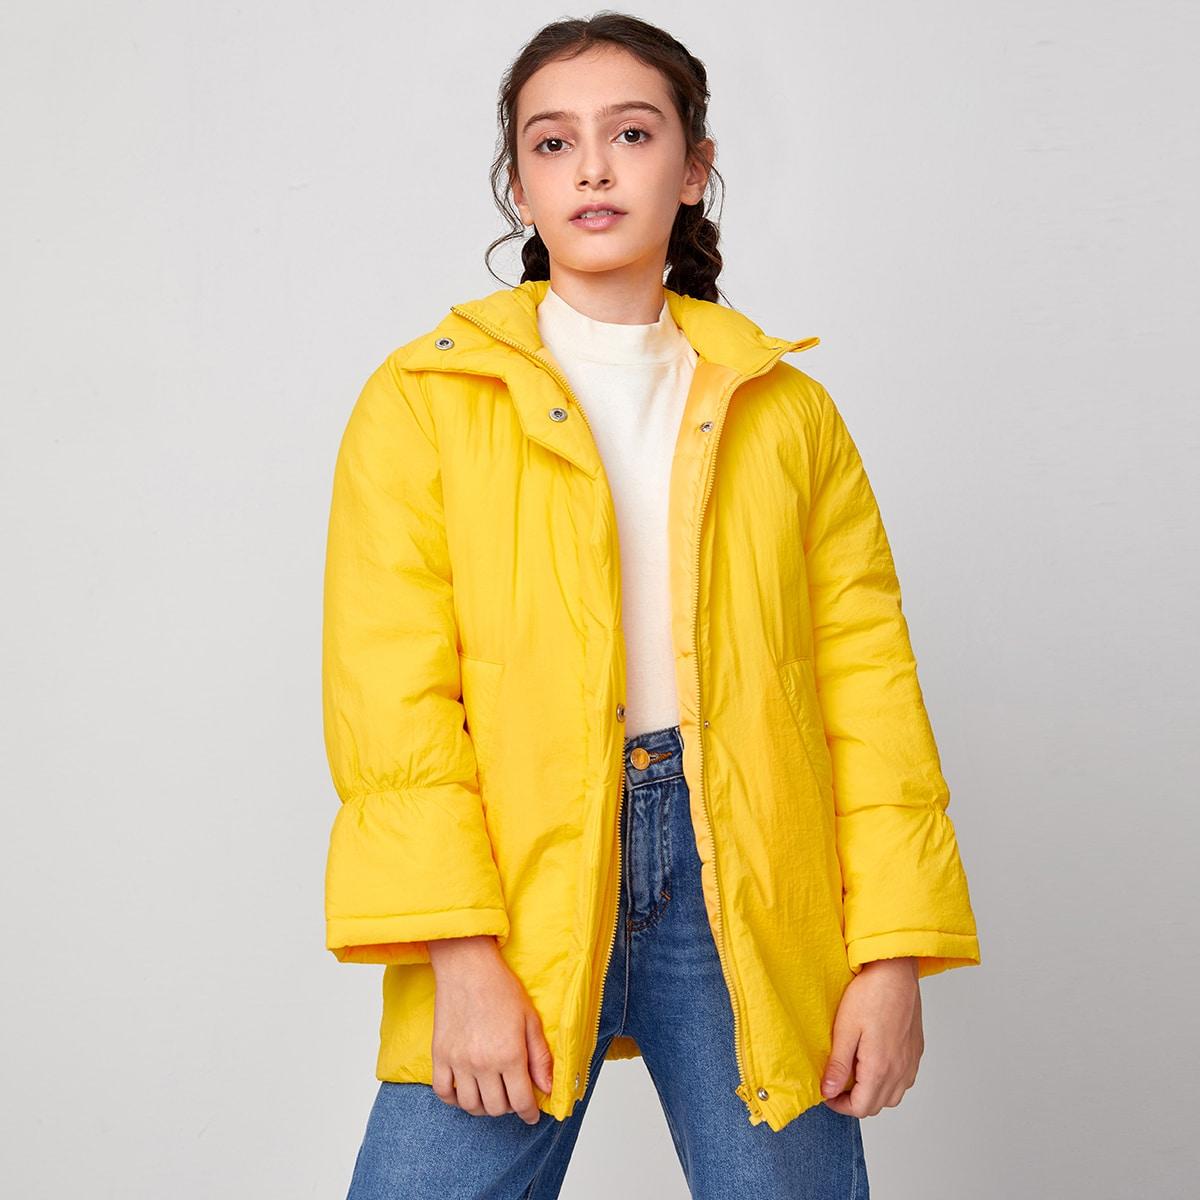 Mantel mit Schößchenärmeln